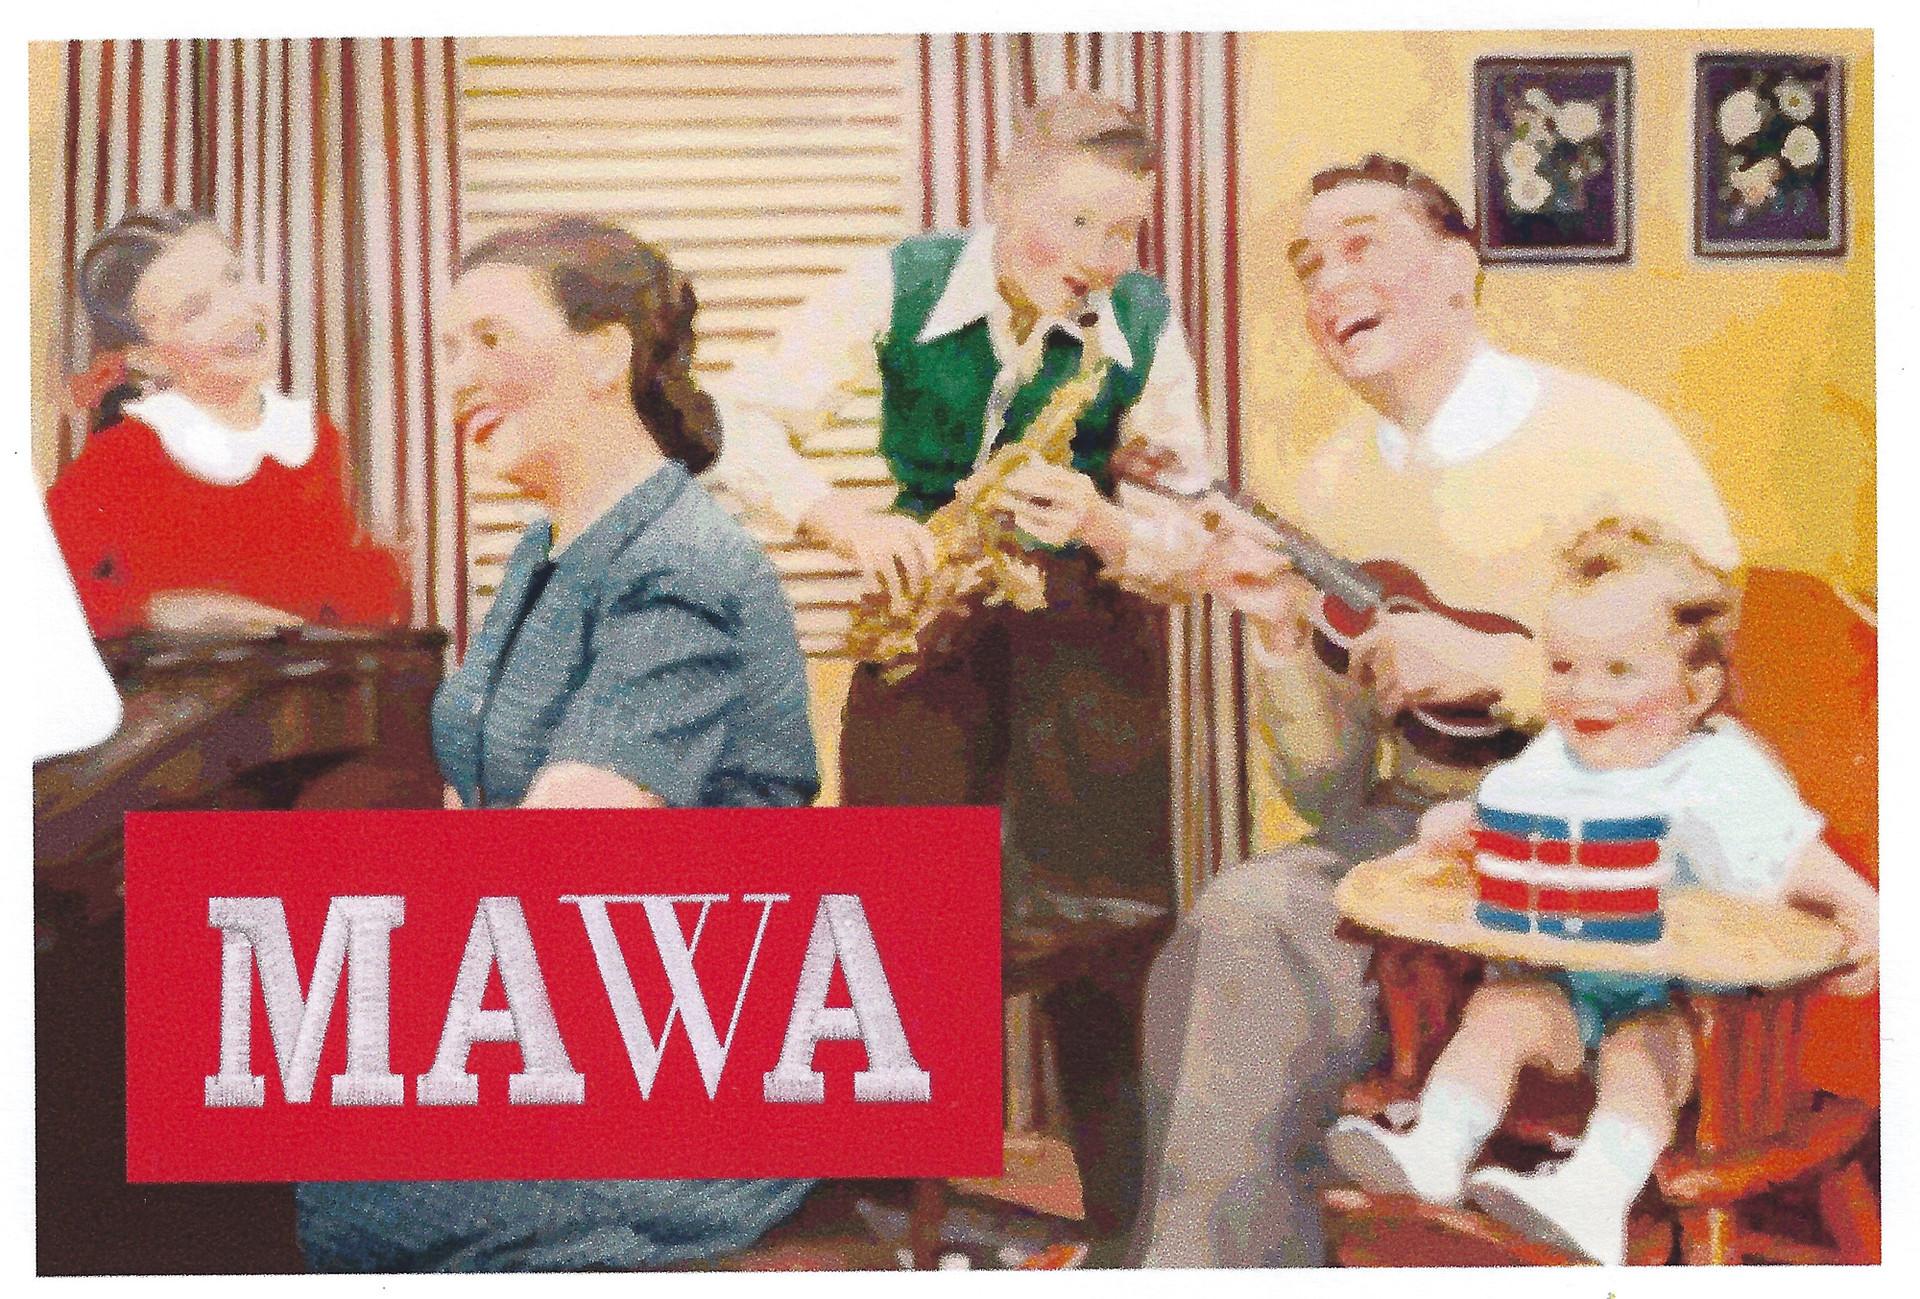 MAWA Make America White Again